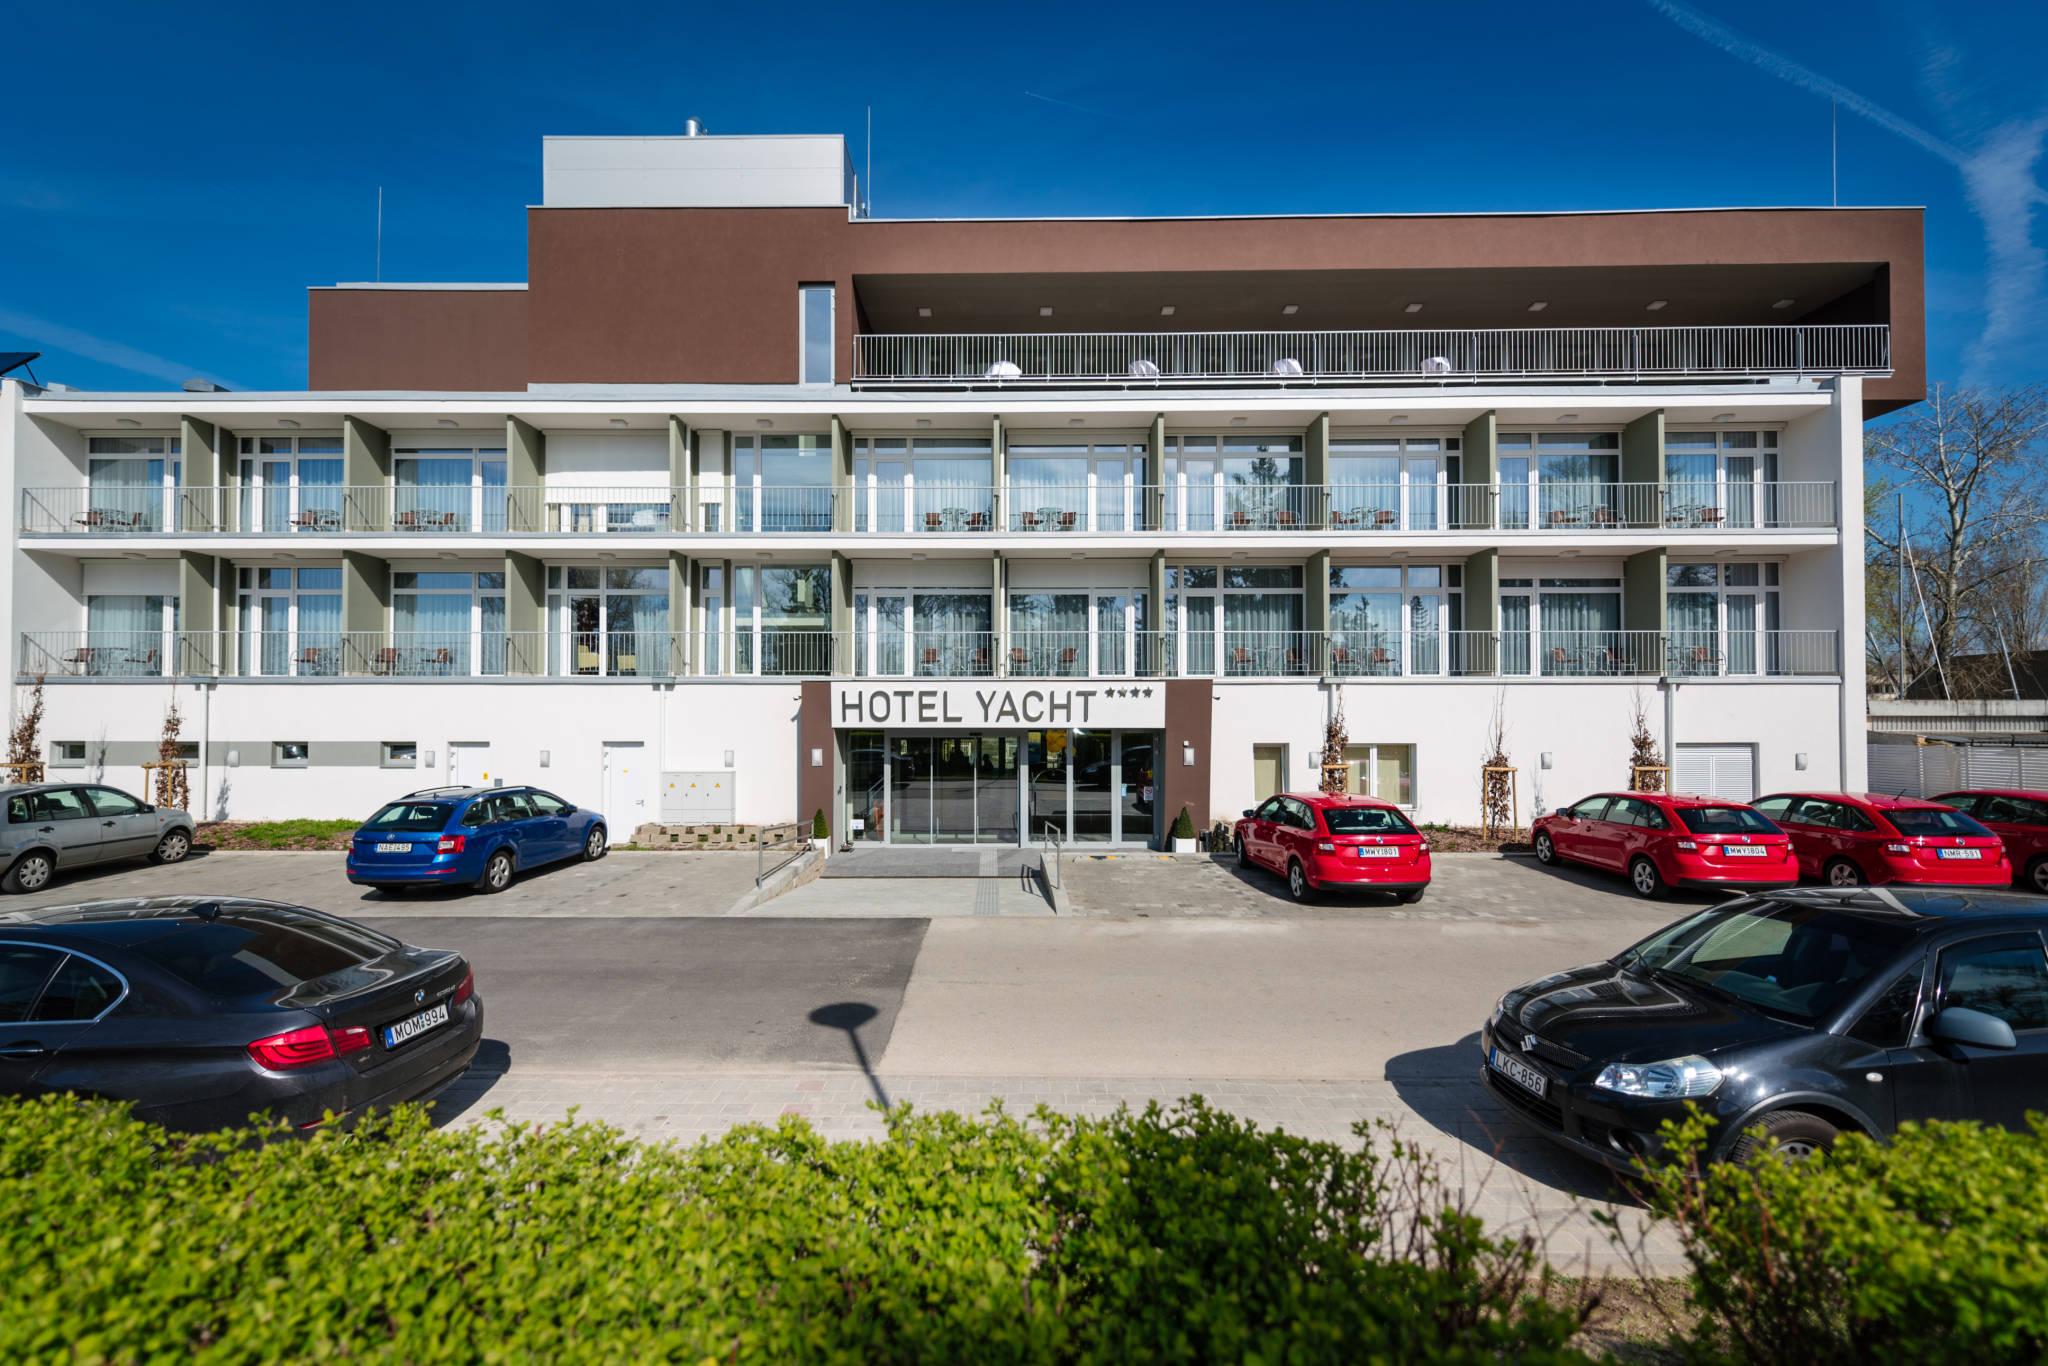 Hotel Yacht Wellness & Business Siófok - Fotó az épületről